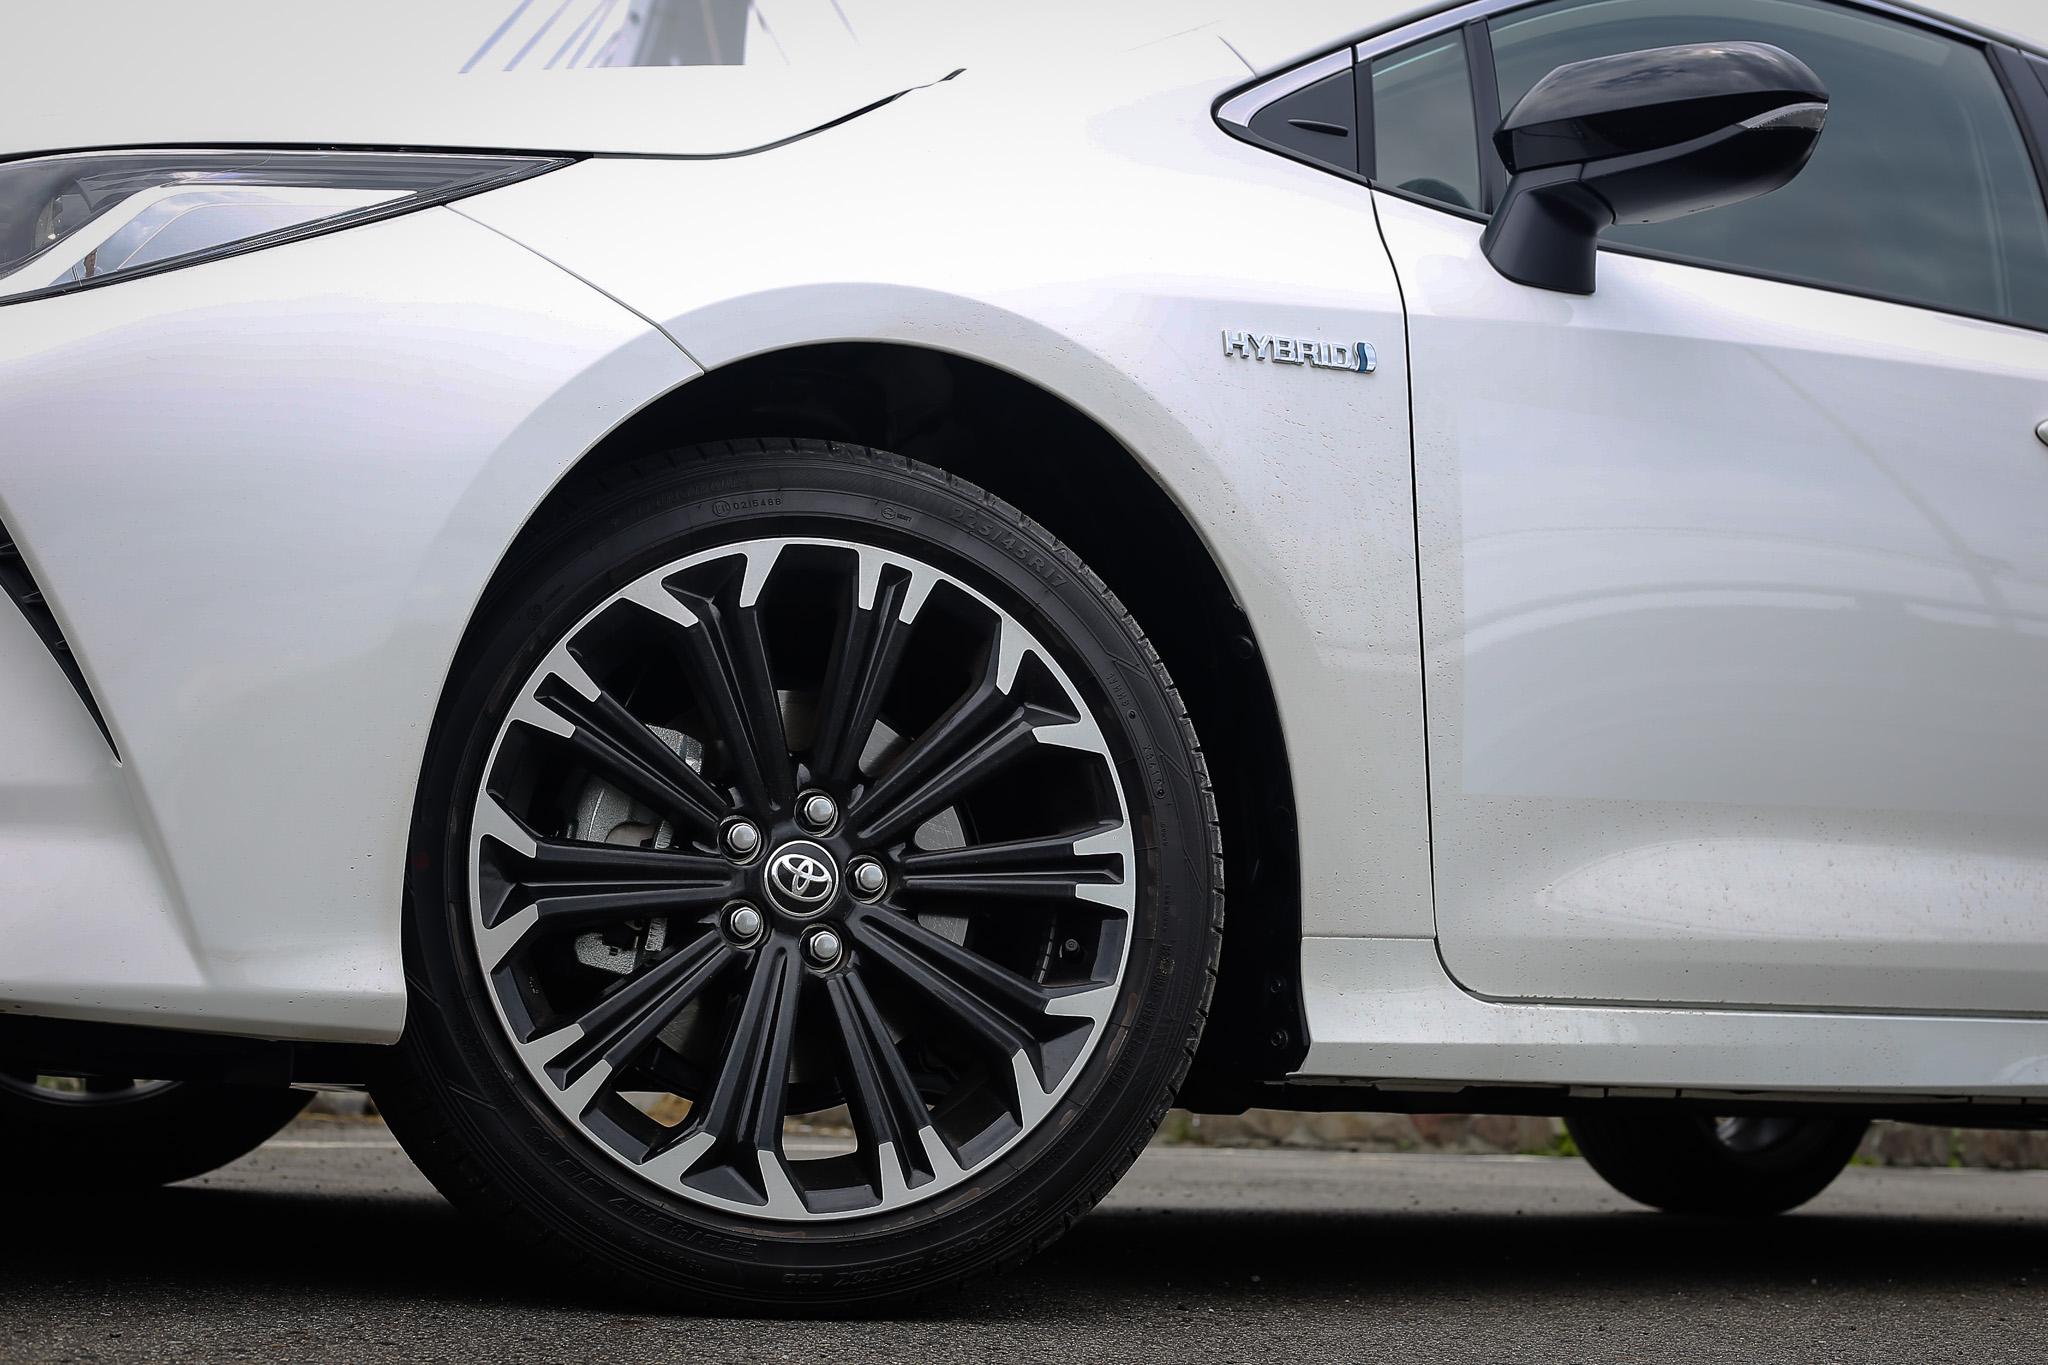 專屬的 17 吋輪圈,輪圈造型更具備空力效應,搭配 225/45R17 輪胎尺碼;車外後視鏡外殼也改為黑色式樣。